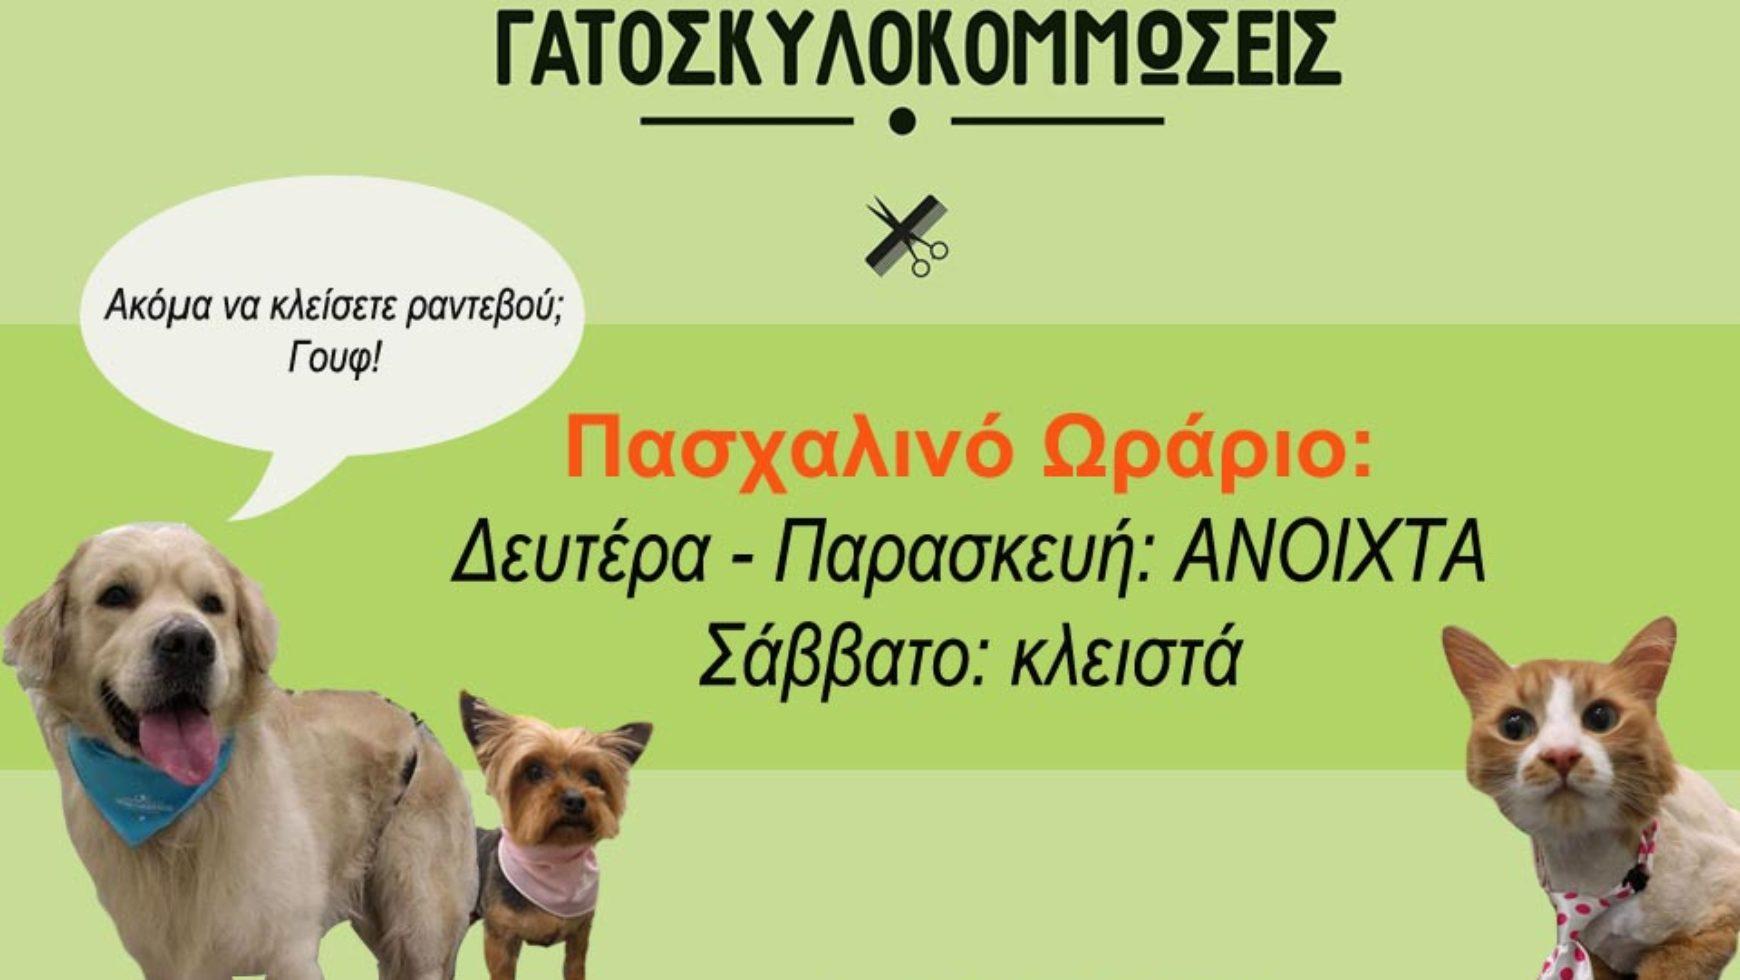 Πασχαλινό Ωράριο – Κομμωτήριο Σκύλου και Γάτας, Αθήνα